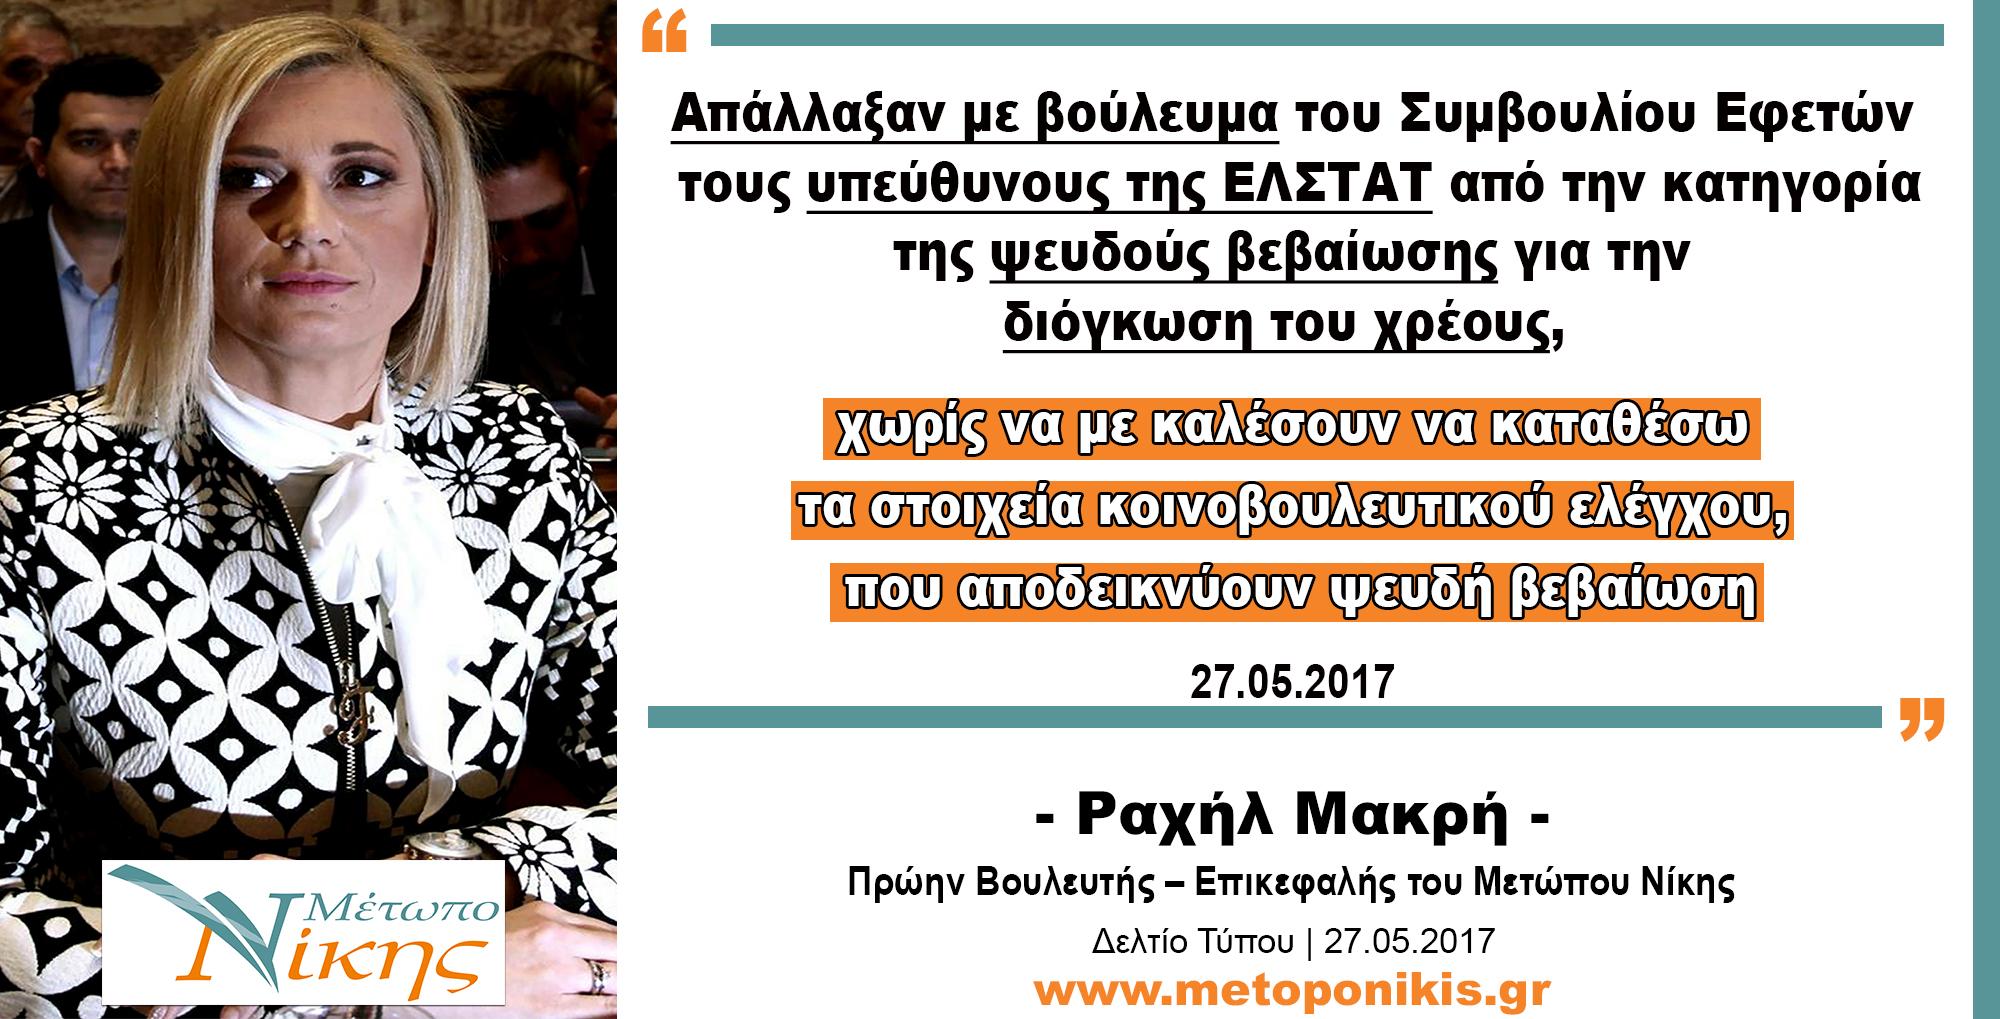 Ραχήλ Μακρή: «Απάλλαξαν με βούλευμα του Συμβουλίου Εφετών τους υπεύθυνους της ΕΛΣΤΑΤ από την κατηγορία της ψευδούς βεβαίωσης για την διόγκωση του χρέους, χωρίς να με καλέσουν να καταθέσω τα στοιχεία κοινοβουλευτικού ελέγχου, που αποδεικνύουν ψευδή βεβαίωση»